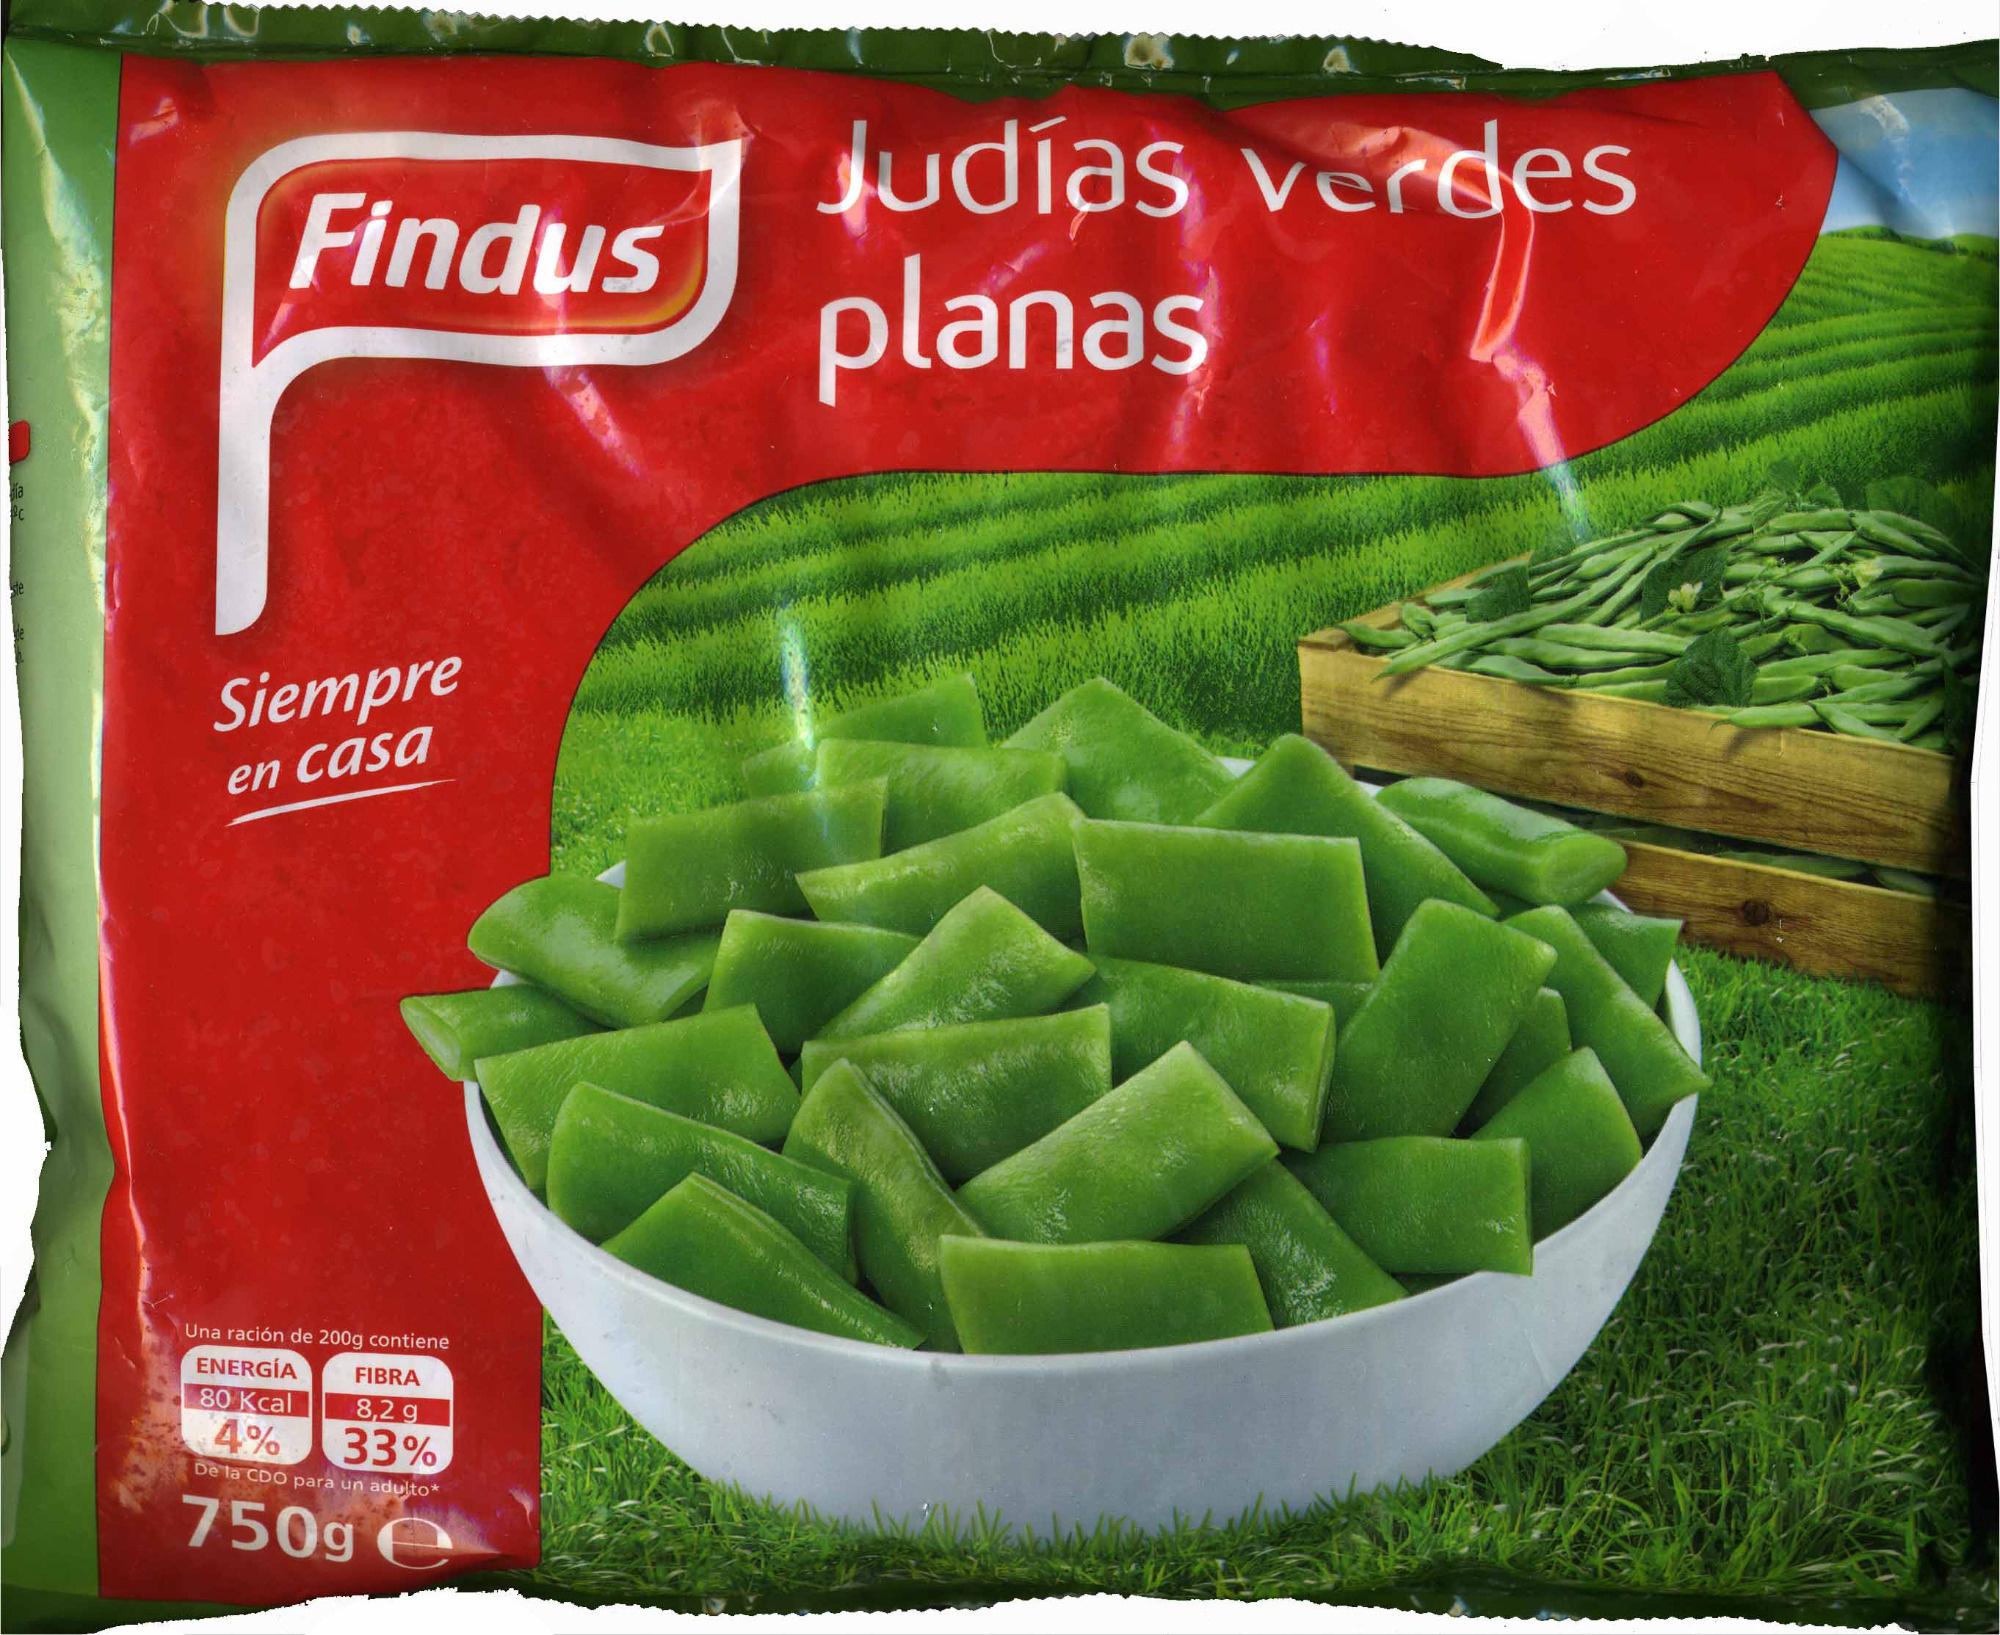 """Judías verdes planas troceadas congeladas """"Findus"""" - Product"""